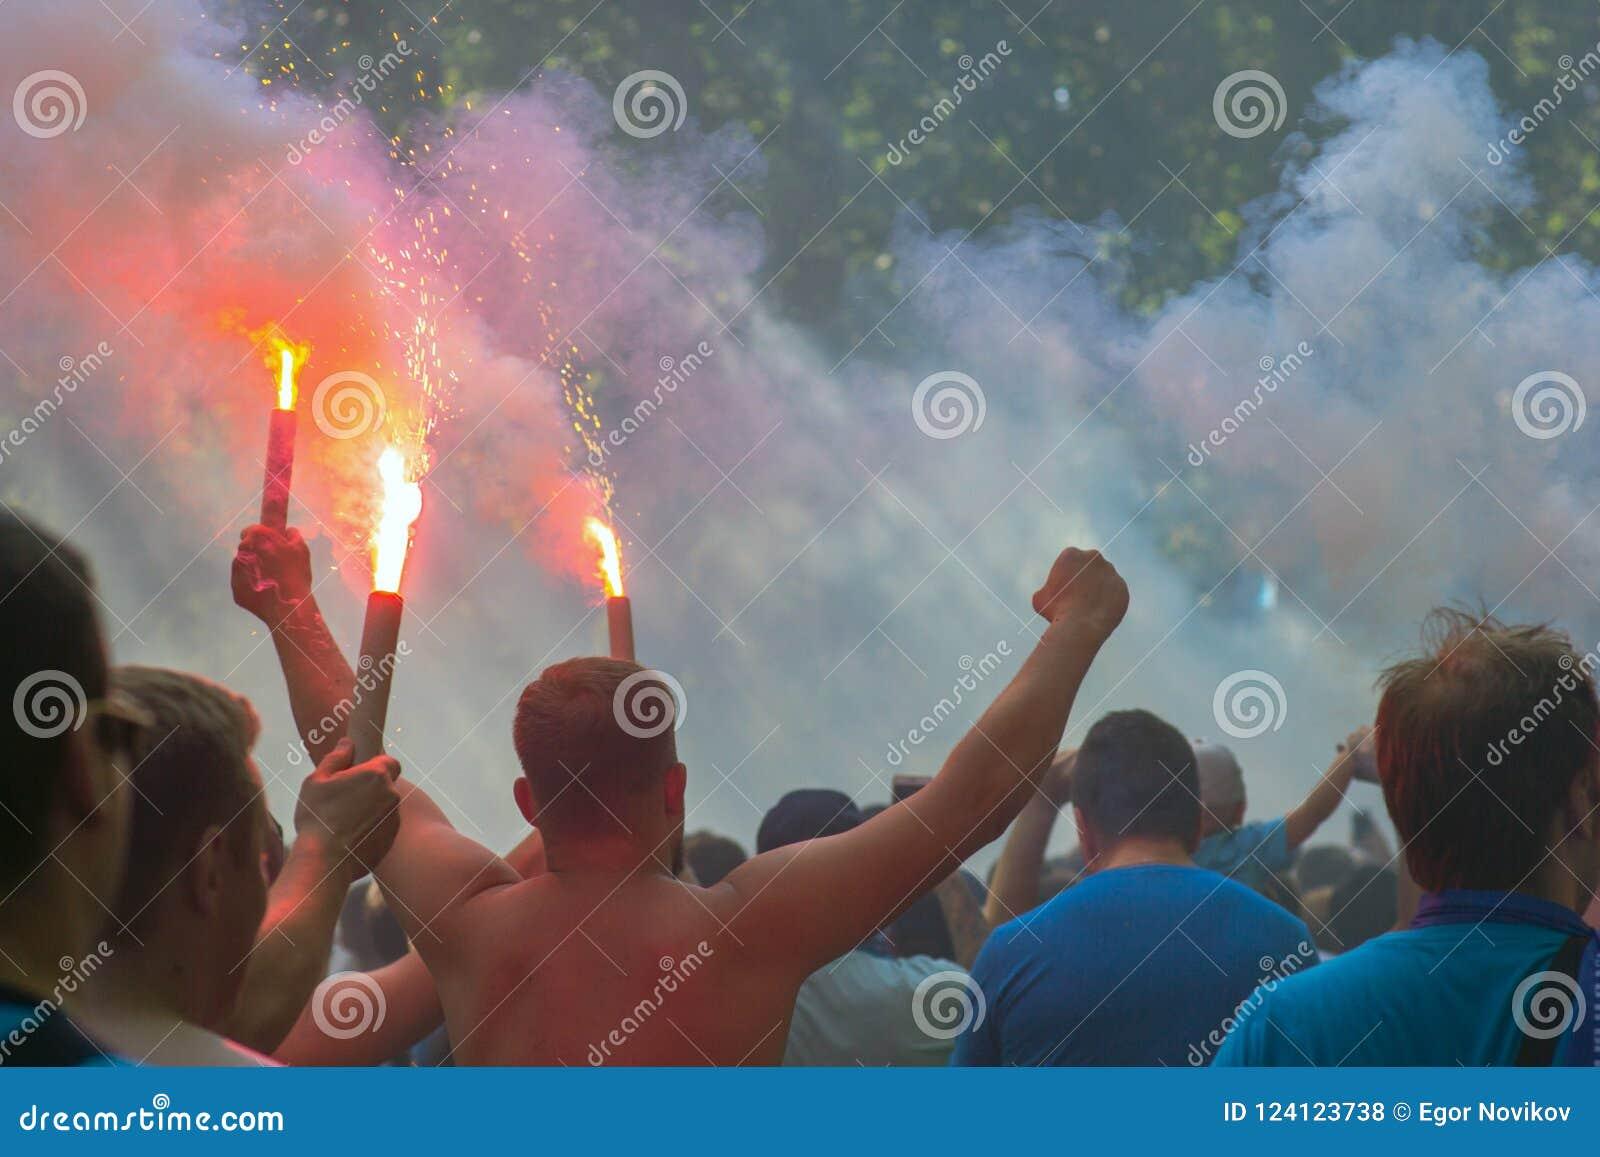 Οι οπαδοί ποδοσφαίρου πηγαίνουν στο στάδιο και καίνε firecrackers